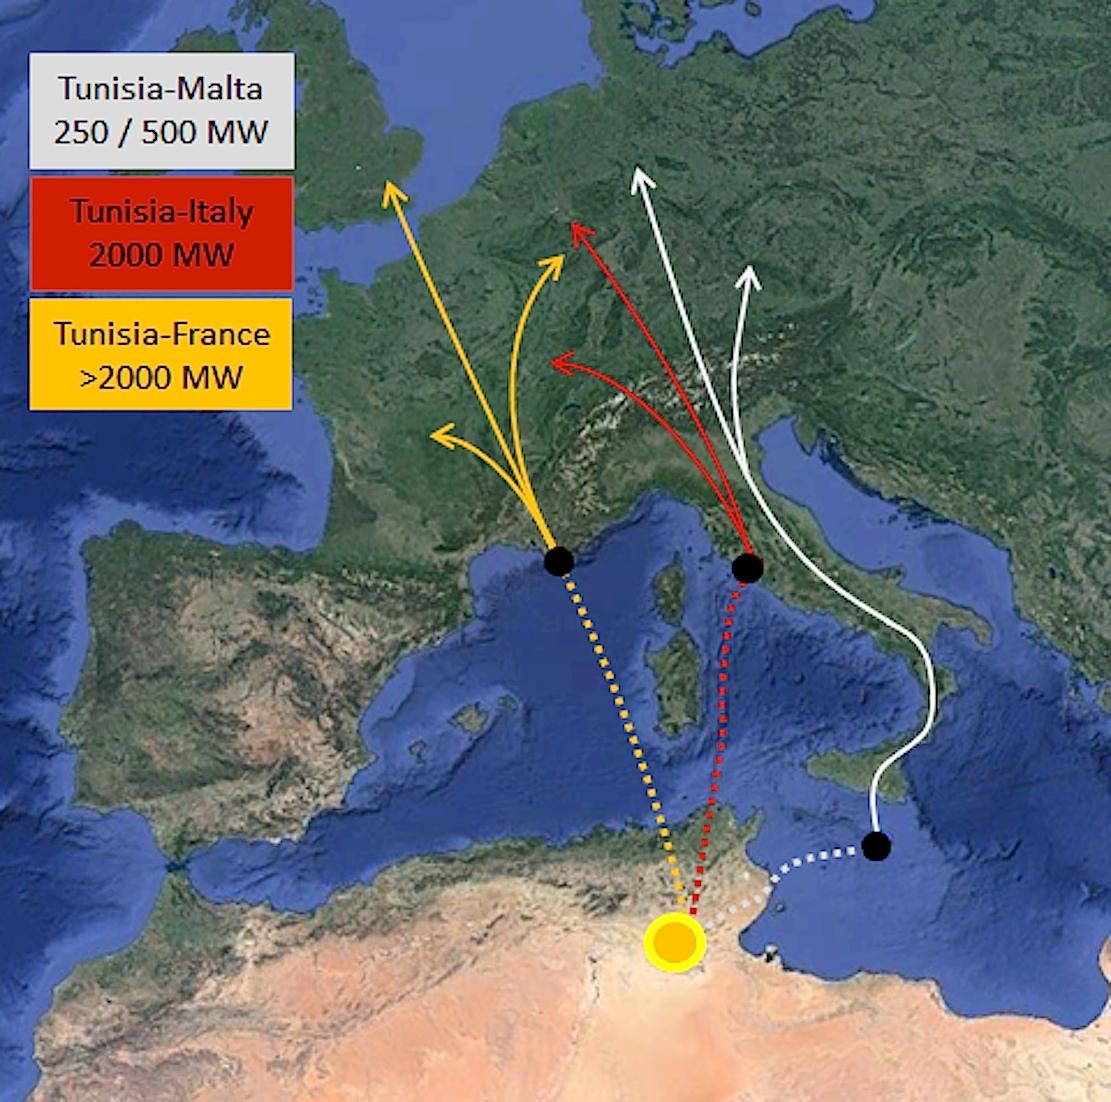 Drei Seekabel sollen Tunesien mit Malta, Italien und Frankreich verbinden.